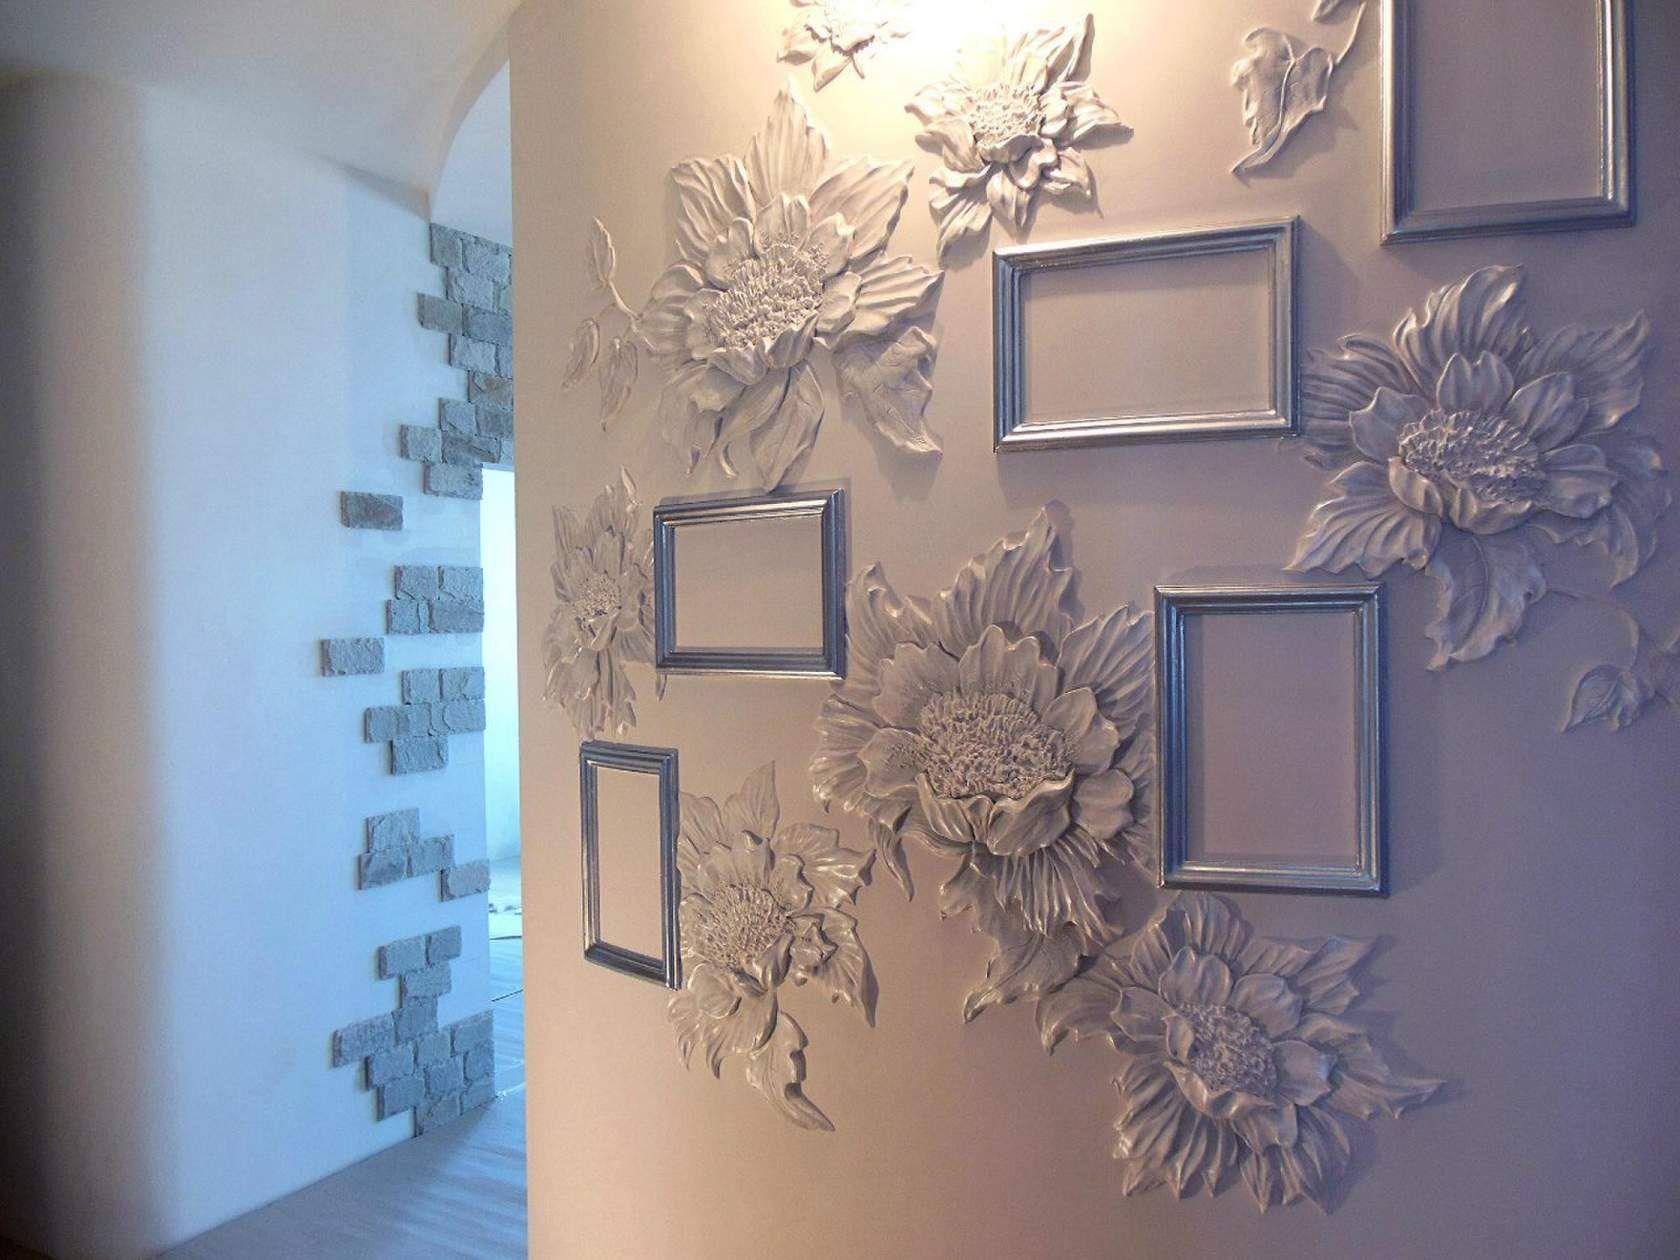 судя барельефы цветов на стене фото какие